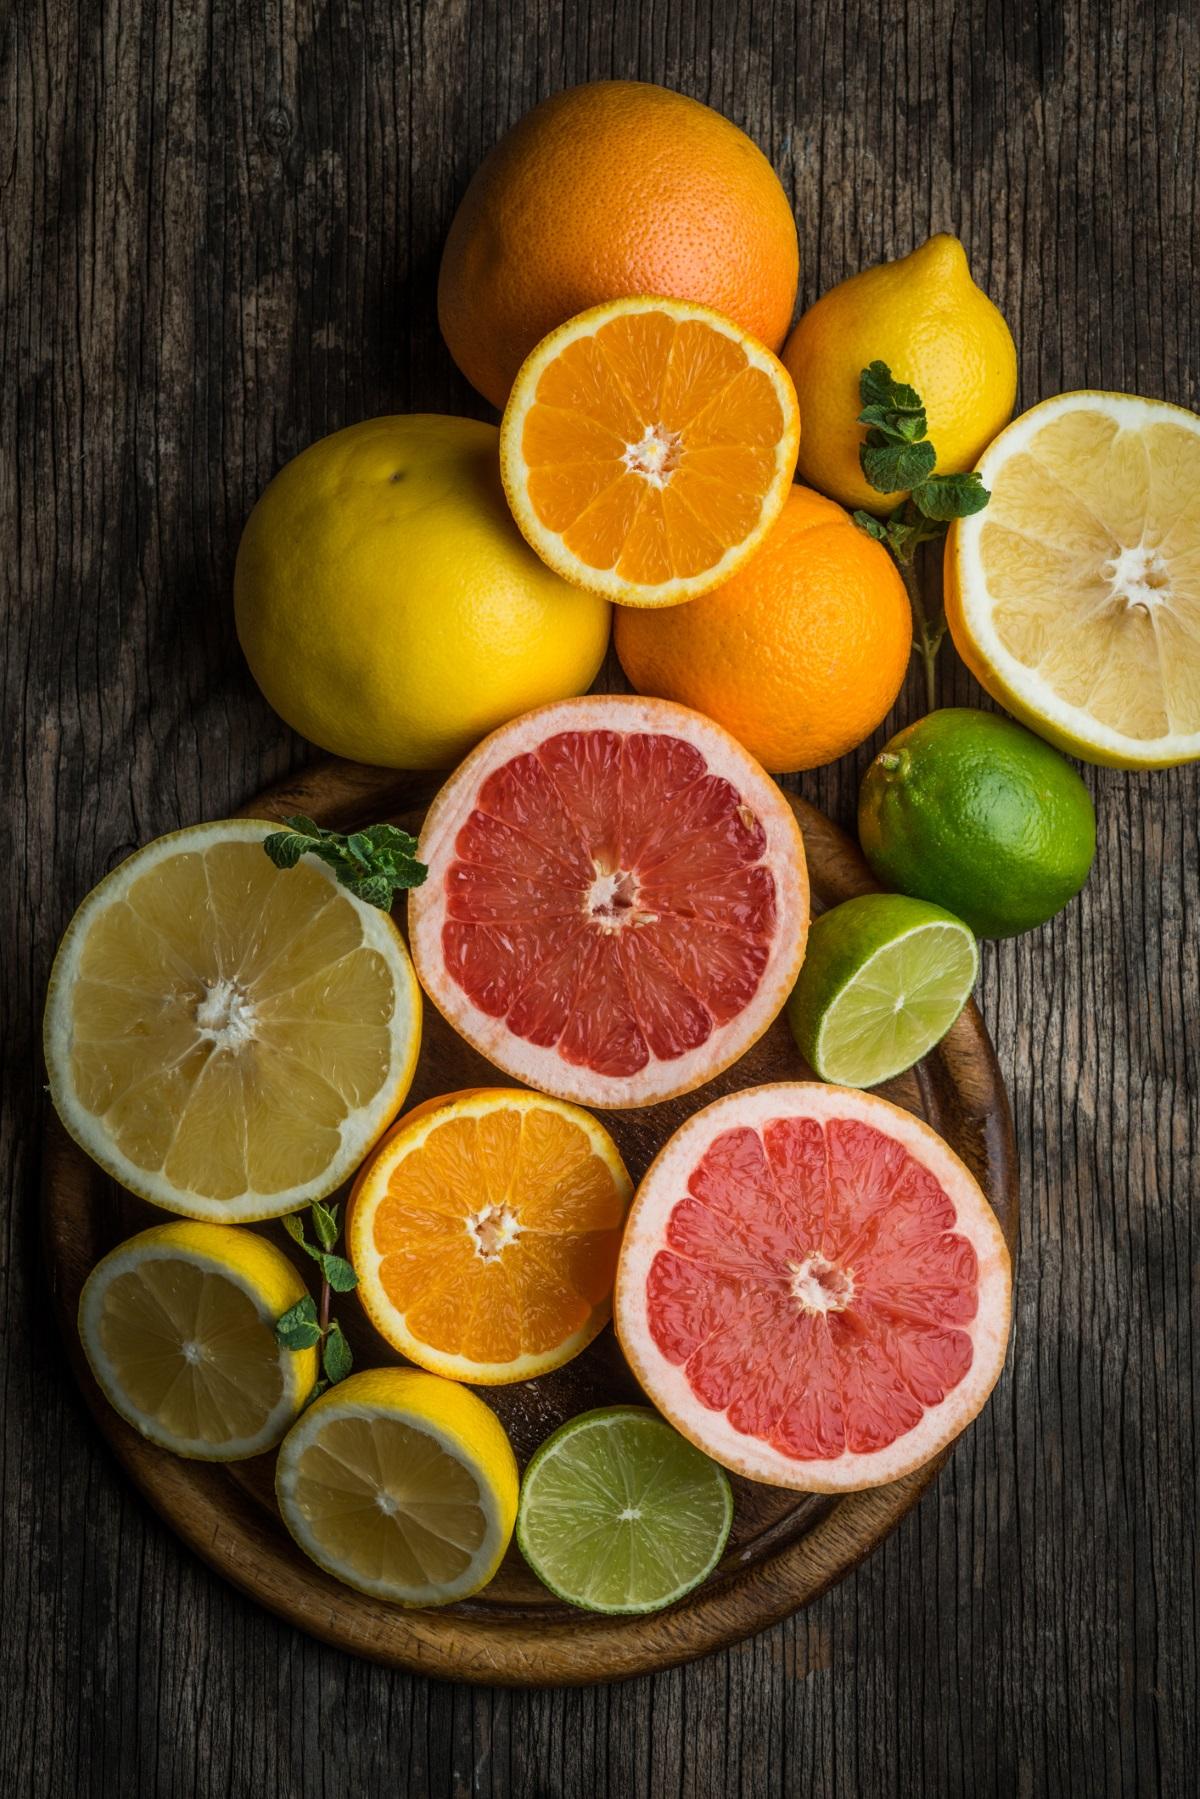 Цитрусови плодове - подобно на доматите, цитрусите повишават киселинността в стомаха и могат да доведат до гастрит.<br />